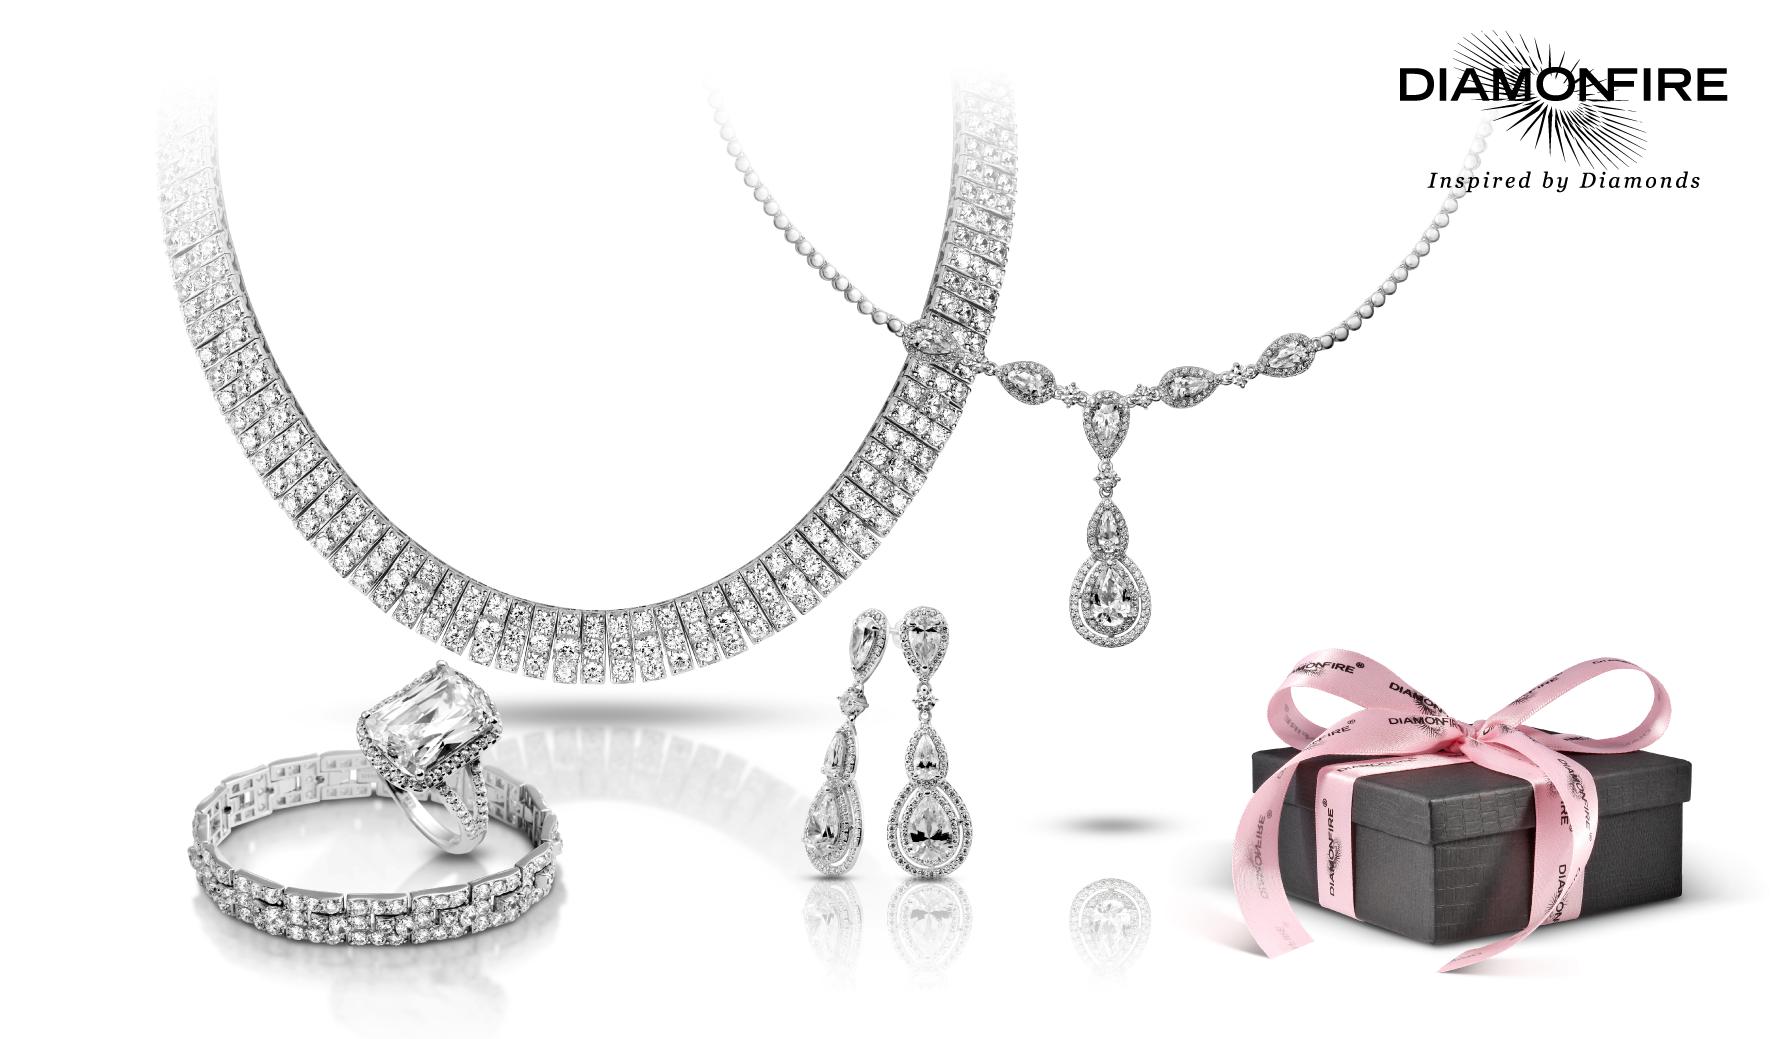 Diamonfire-Glam-party-verkrijgbaar-bij-Wolters-Juweliers-Coevorden-Emmen